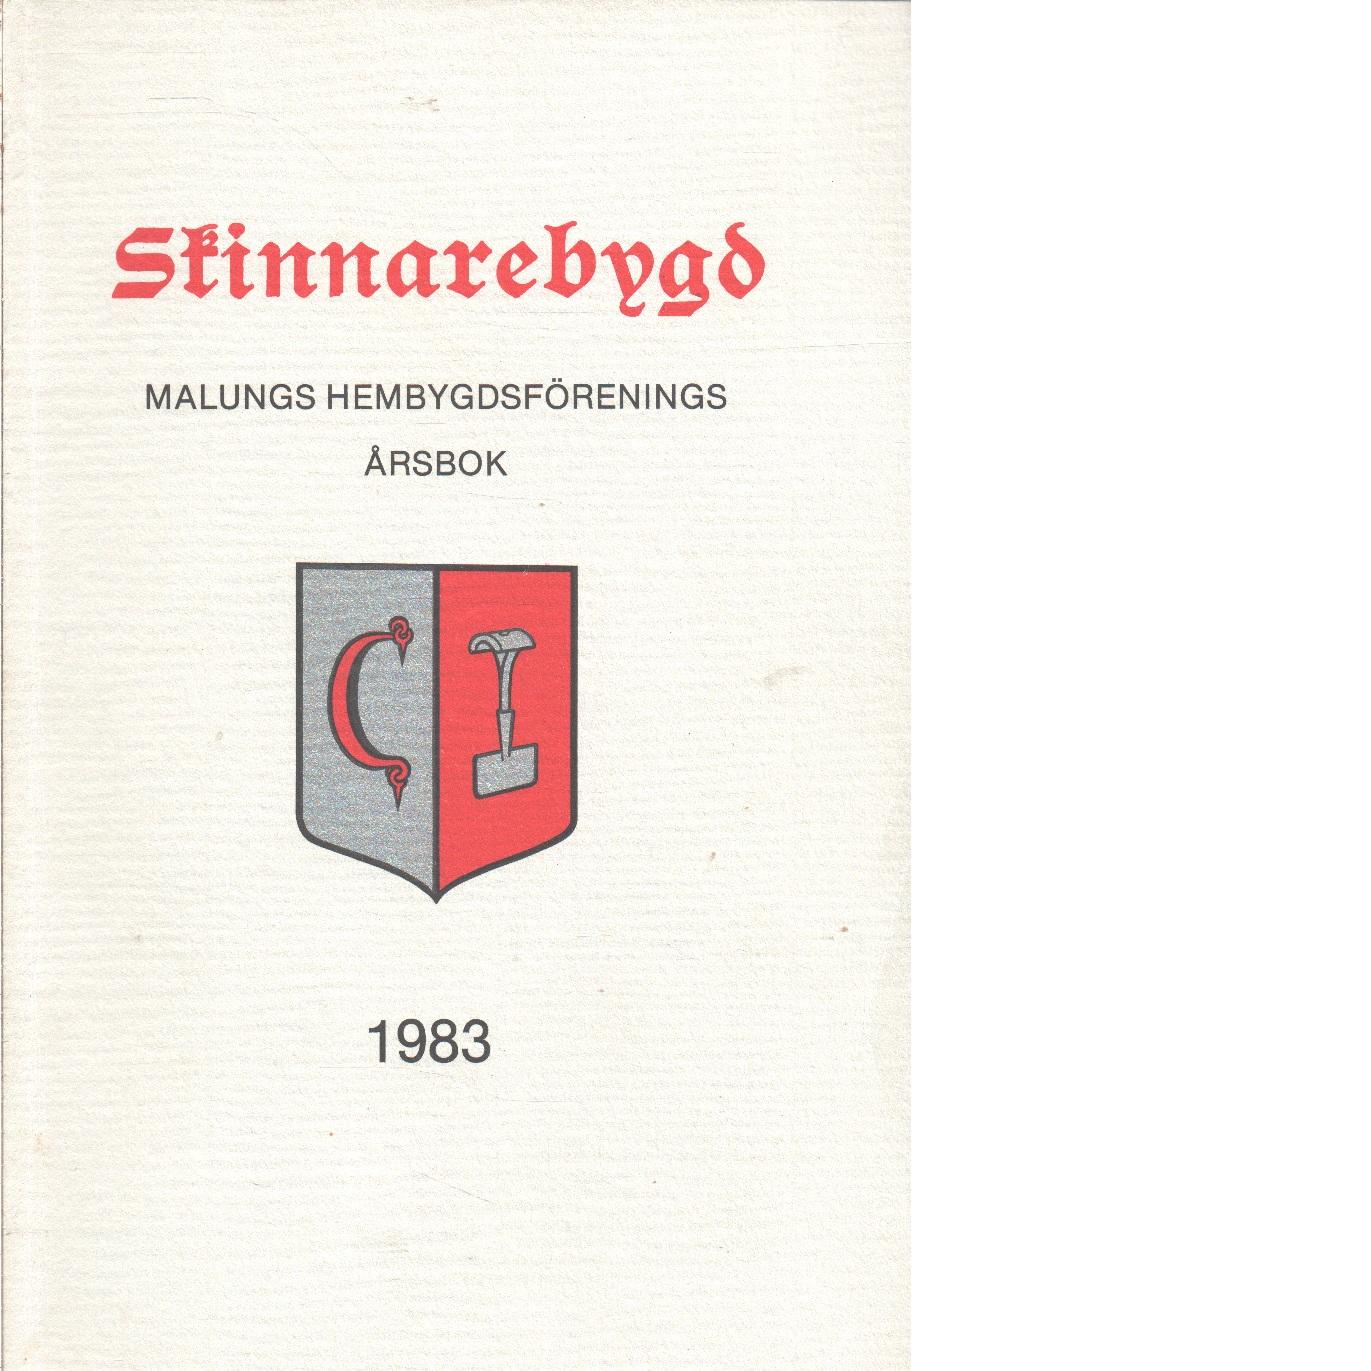 Skinnarebygd : Malungs hembygdsförenings årsbok  1983 - Red.